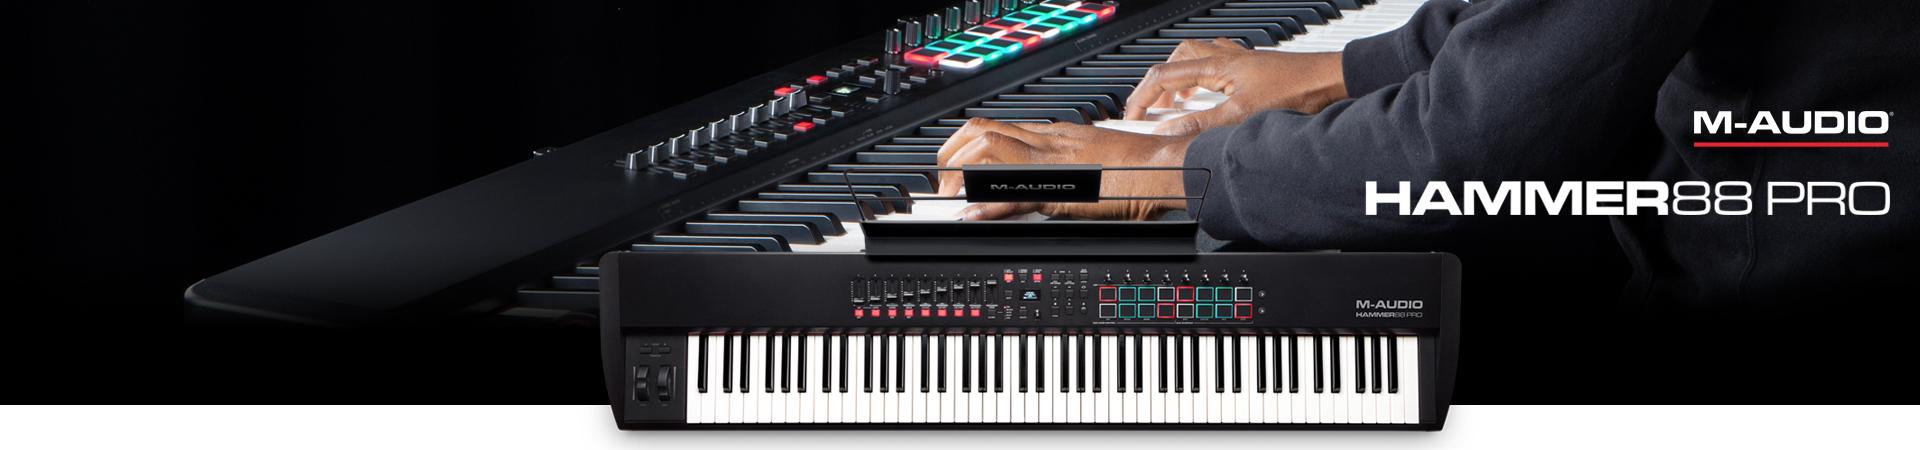 Nowa klawiatura sterująca Hammer 88 Pro z M-Audio